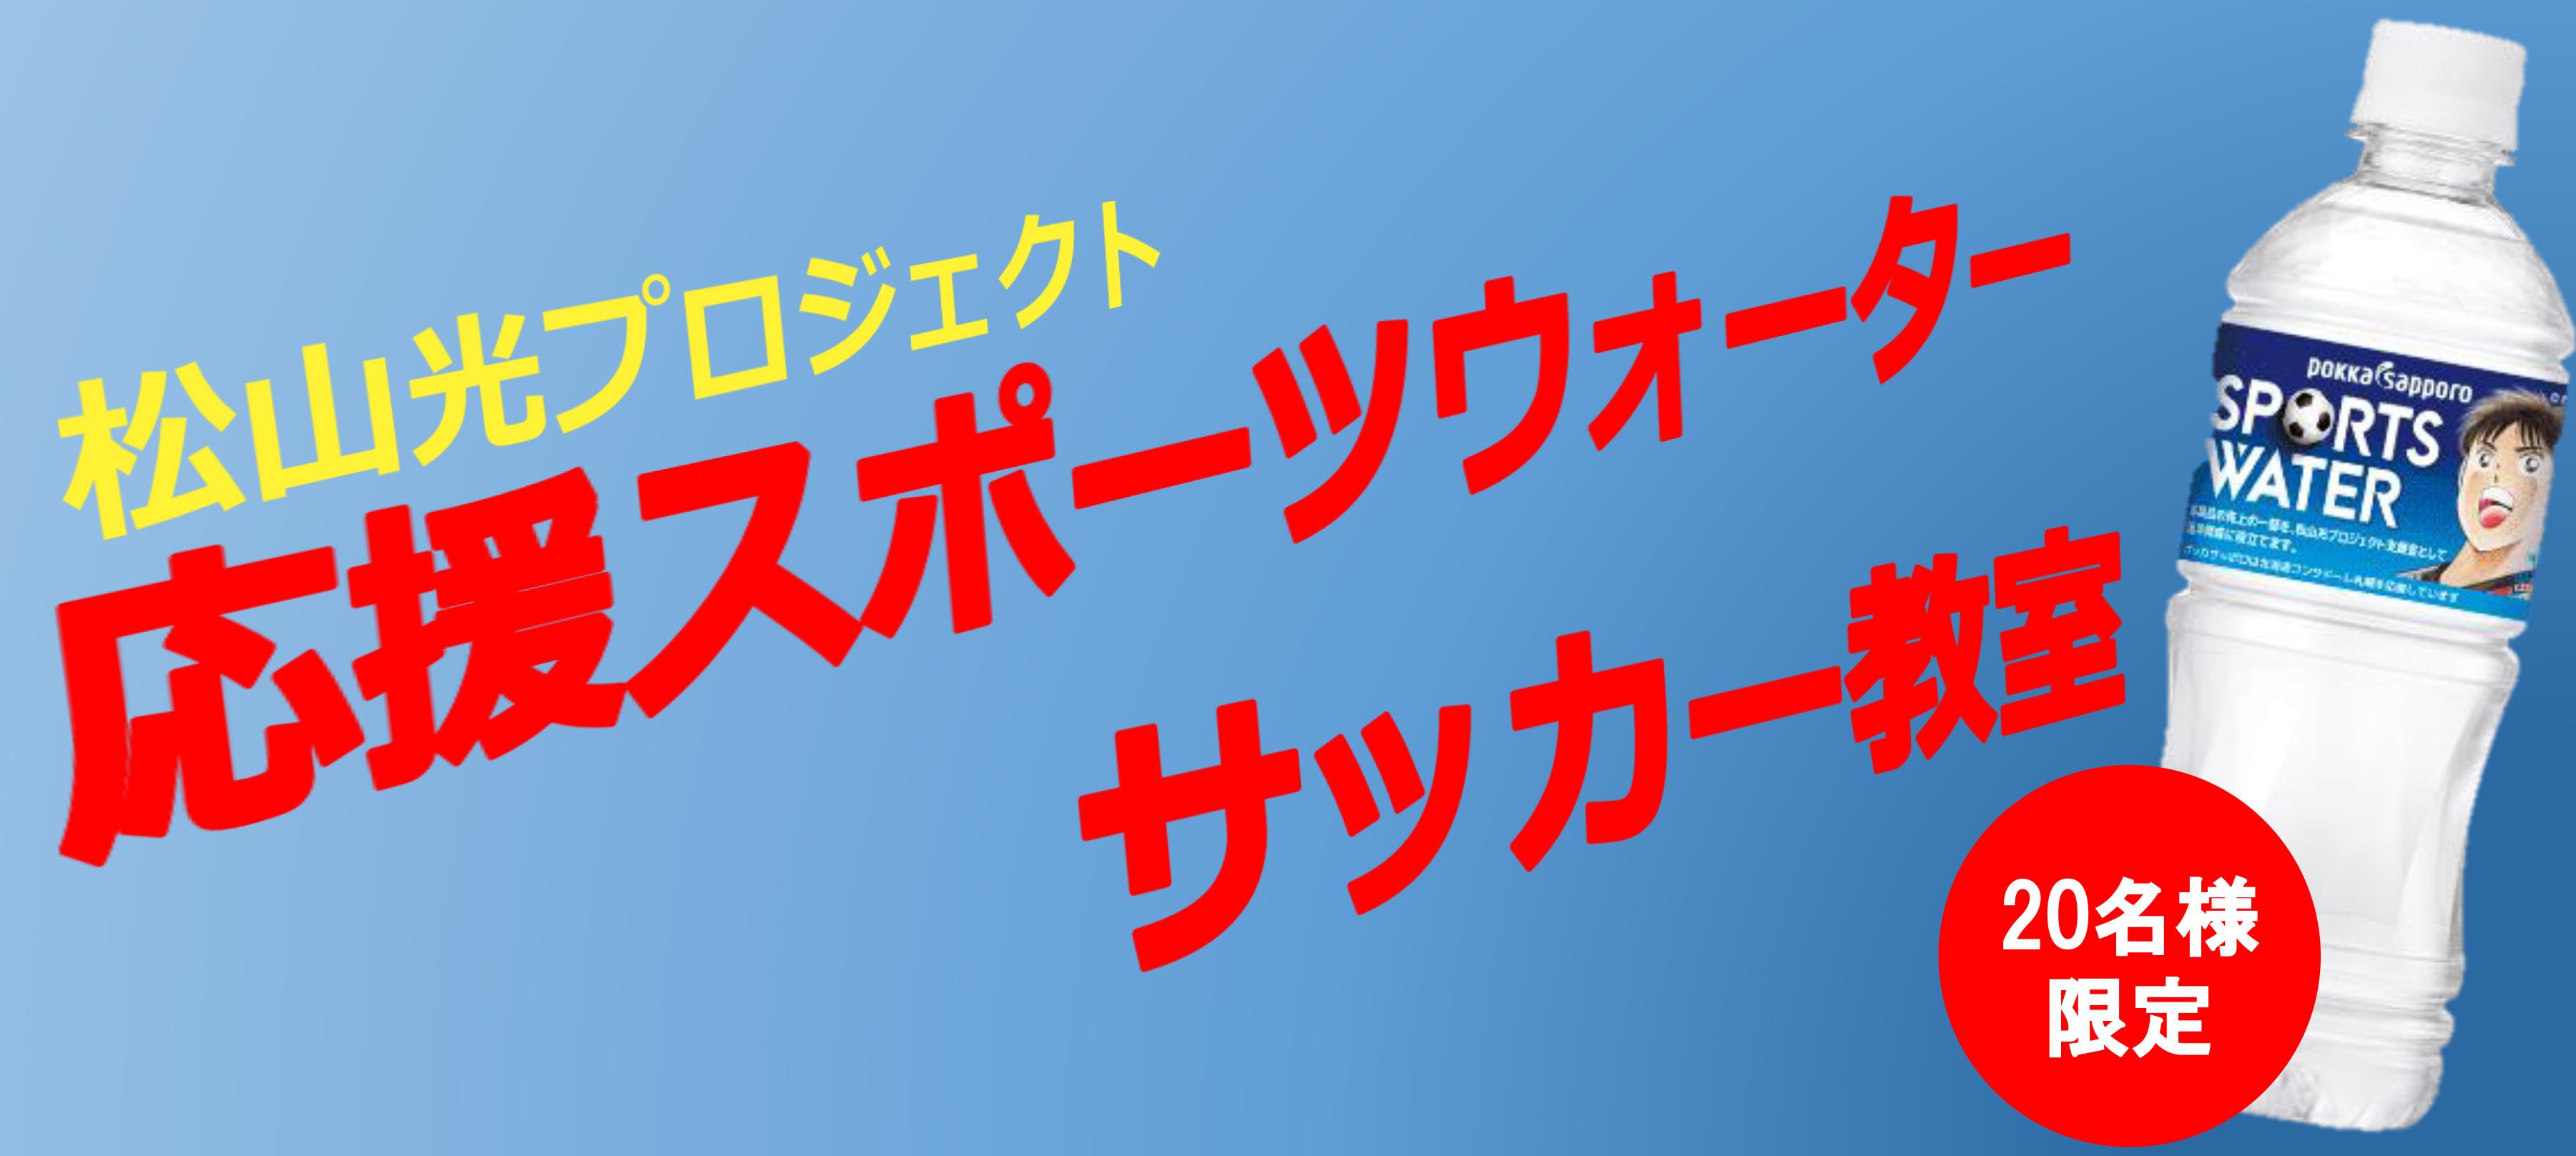 松山光プロジェクト応援スポーツウォーターサッカー教室【募集】